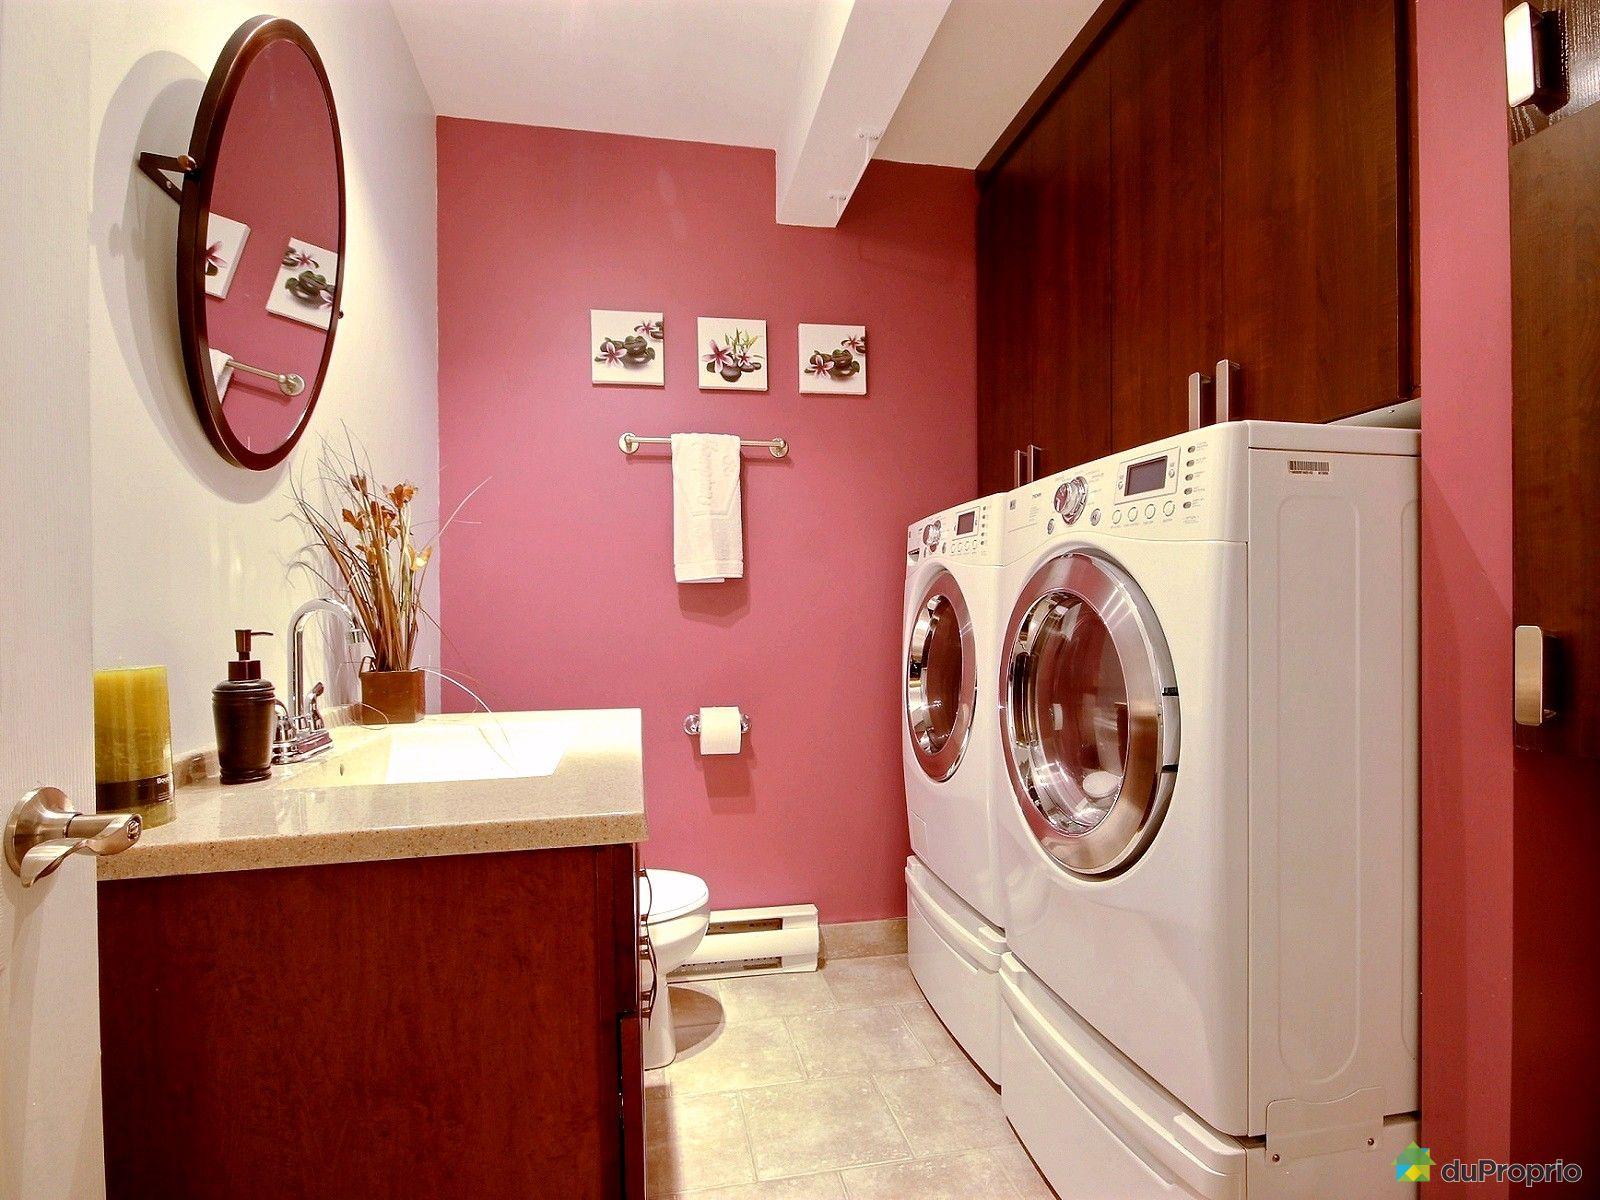 Maison vendre st romuald 2258 rue joseph roberge for Prix salle de bain sous sol